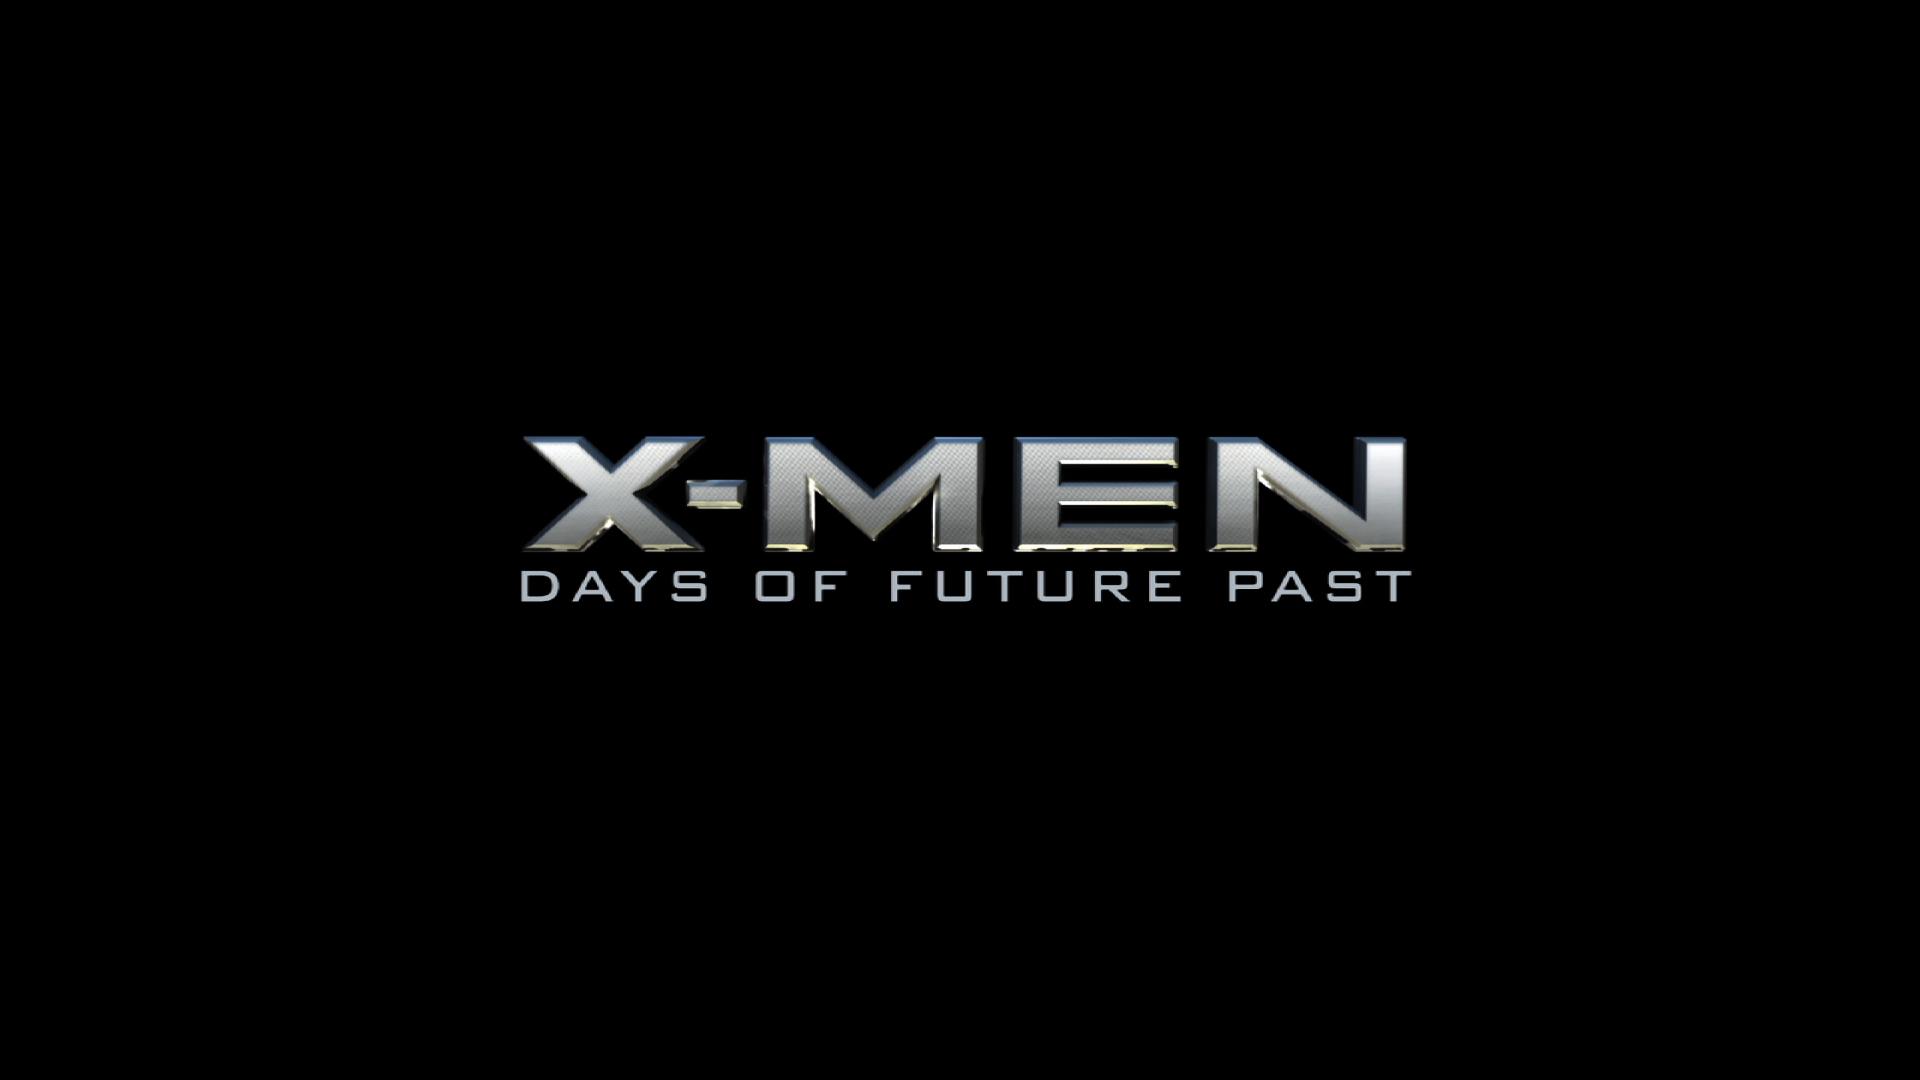 X Men Days Of Future Past Wallpaper: Nuevo Trailer De X-Men: Days Of Future Past